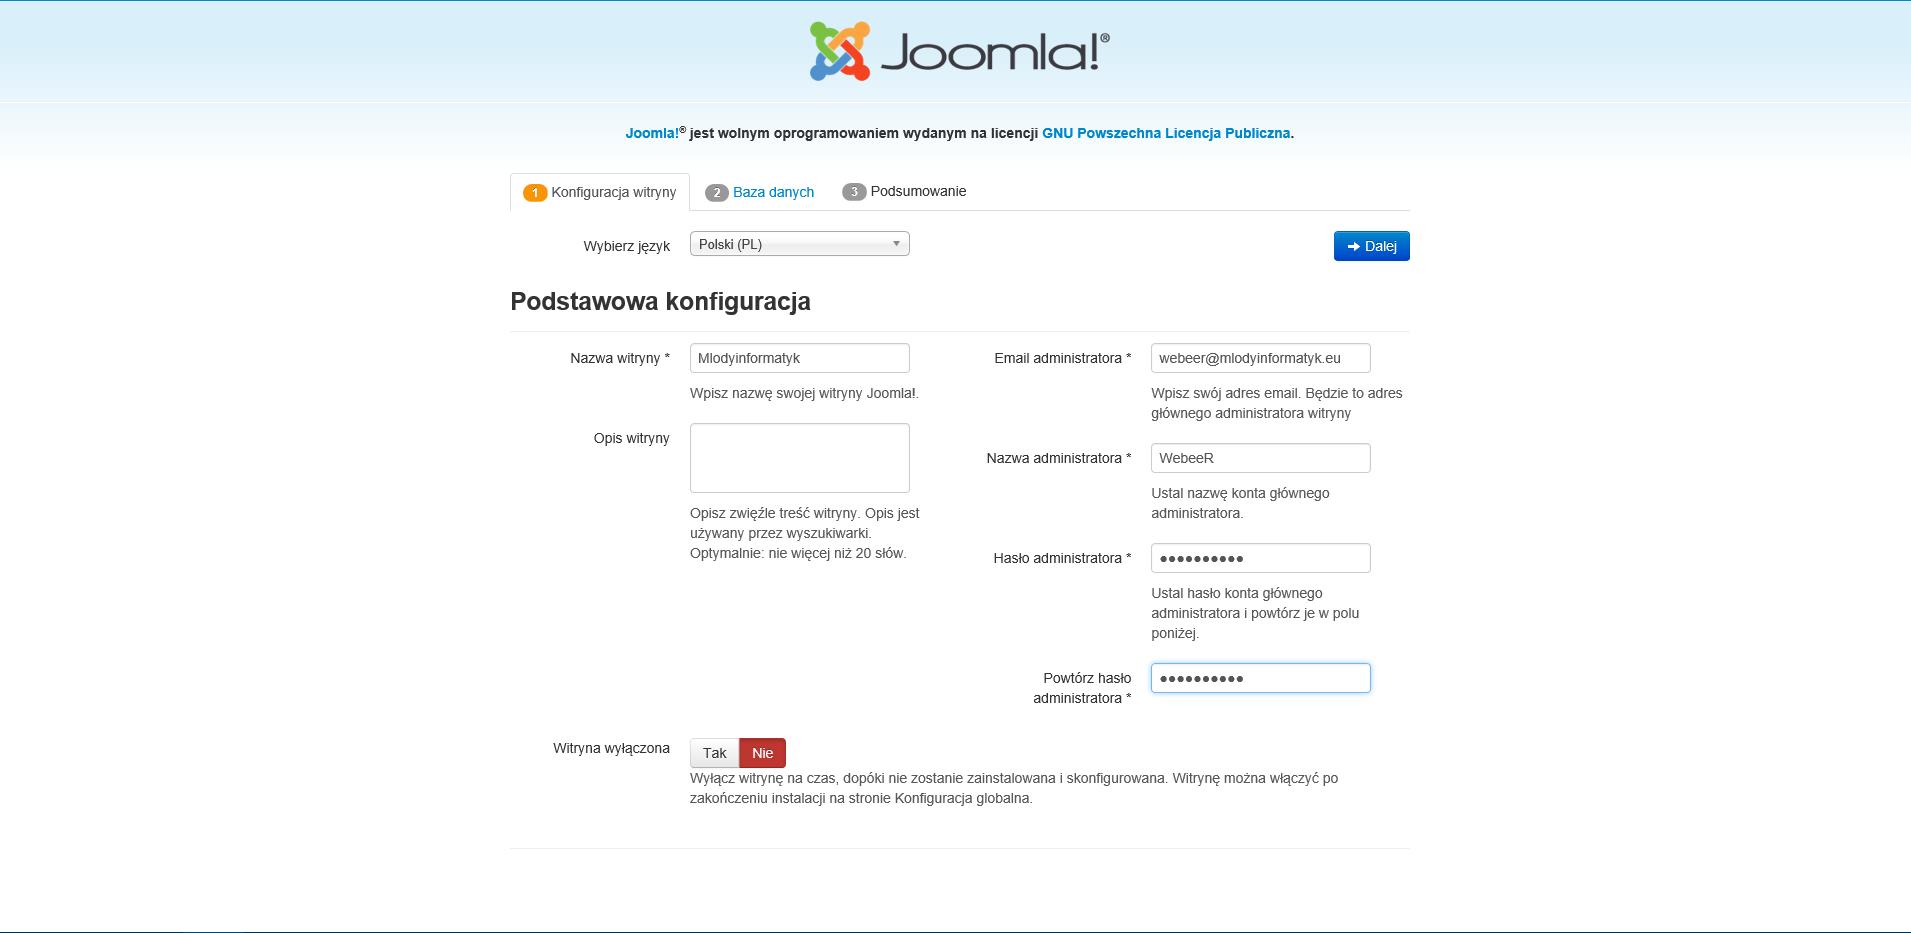 konf-joomla